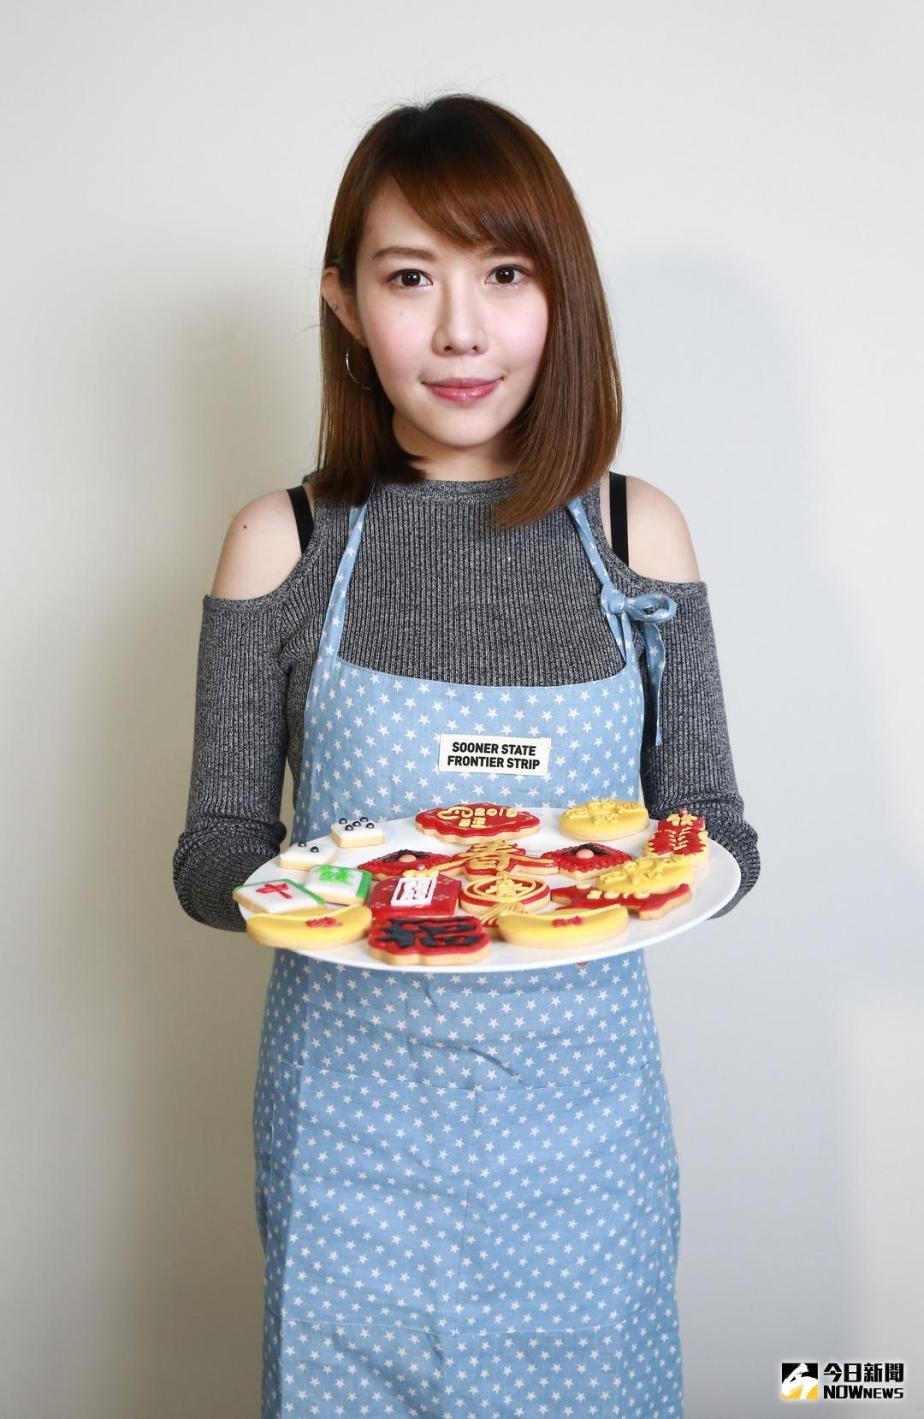 新聞 楊恩緹愛畫畫 手作糖霜餅乾意外成副業